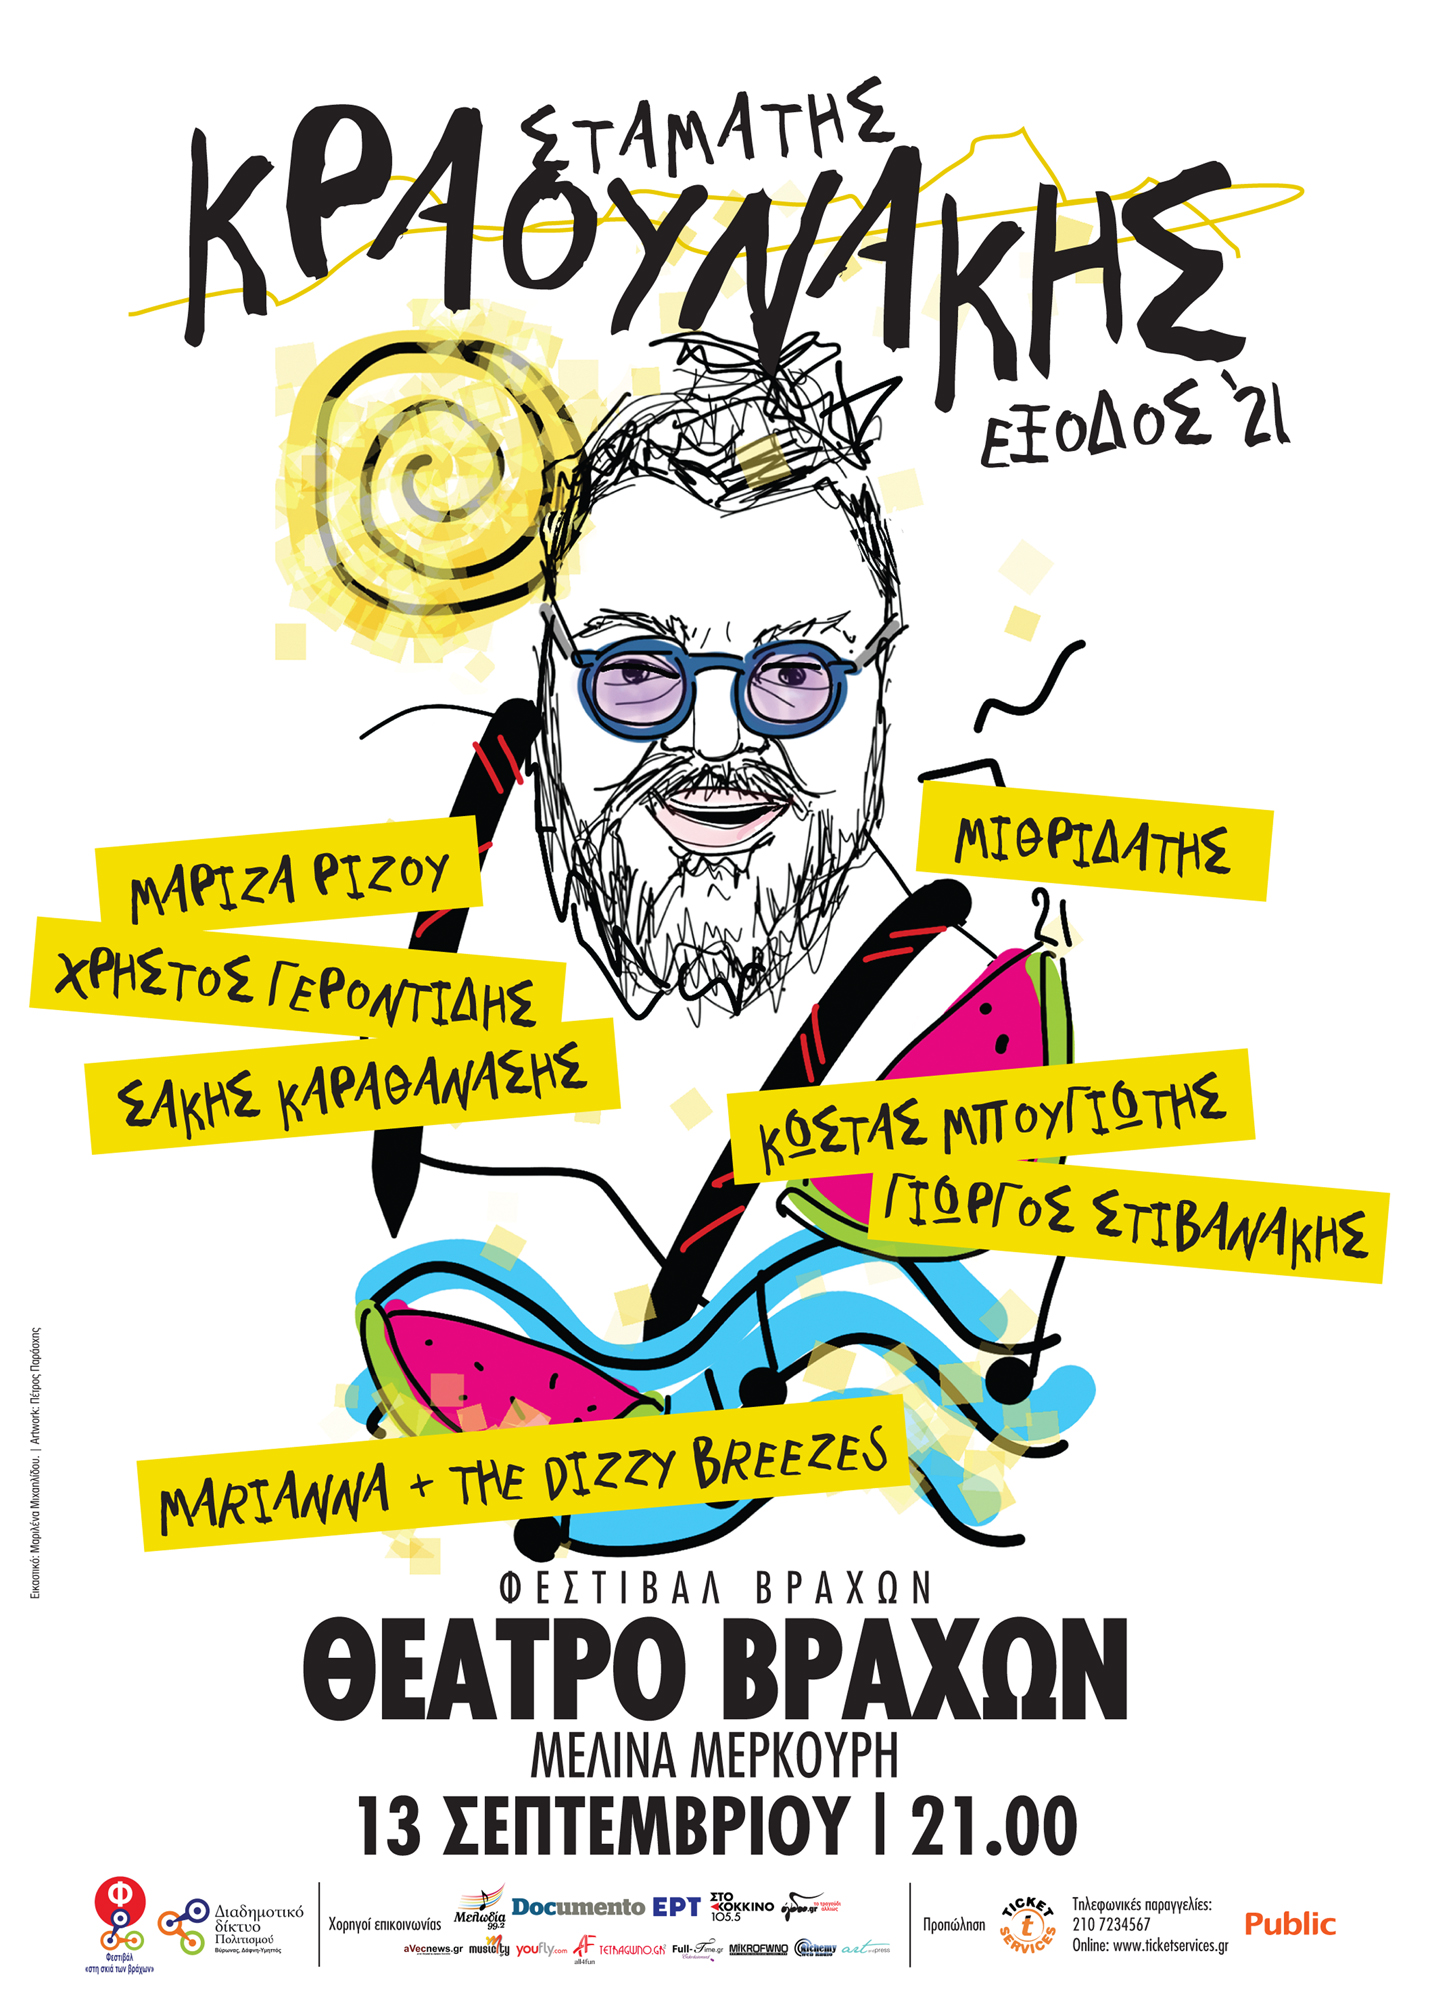 «Έξοδος ΄21», Ο Σταμάτης Κραουνάκης στο Θέατρο Βράχων